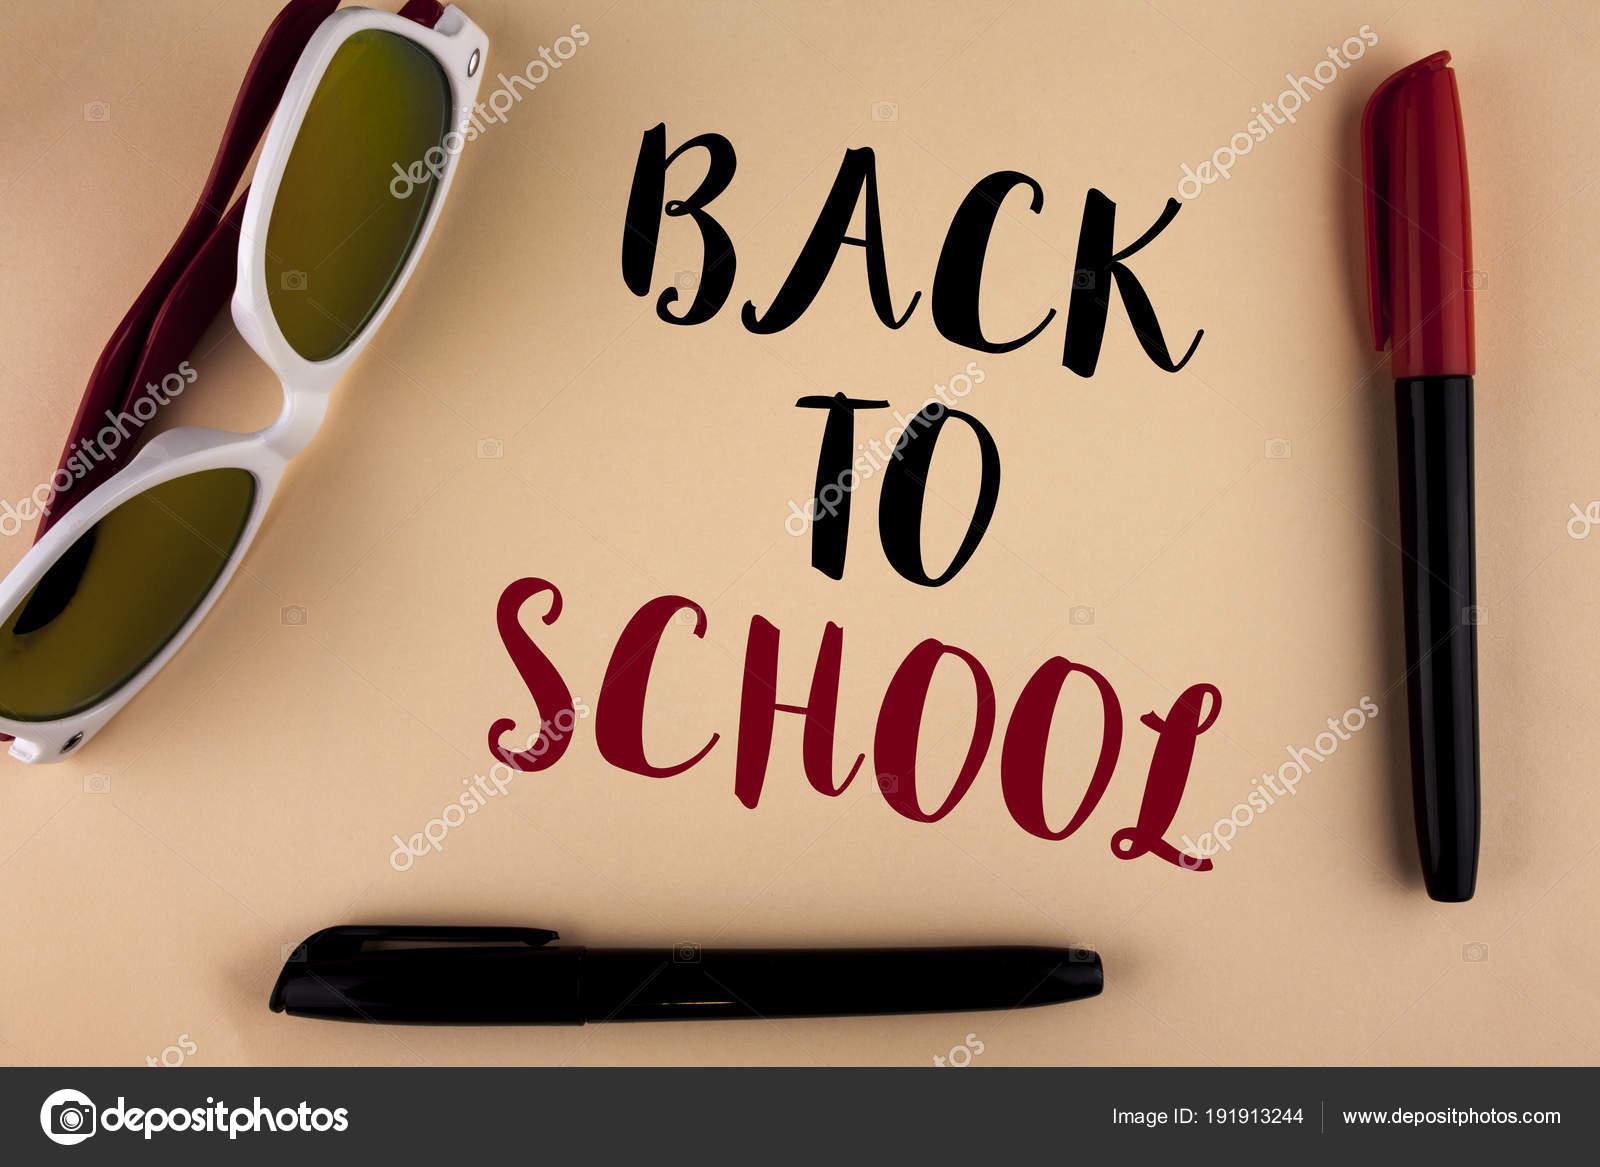 bc1ee0b3ccfb0 Palavra de escrever o texto de volta à escola. Conceito de negócios para a  hora certa comprar a mochila, caneta, livro, estacionário, escritos na  planície ...